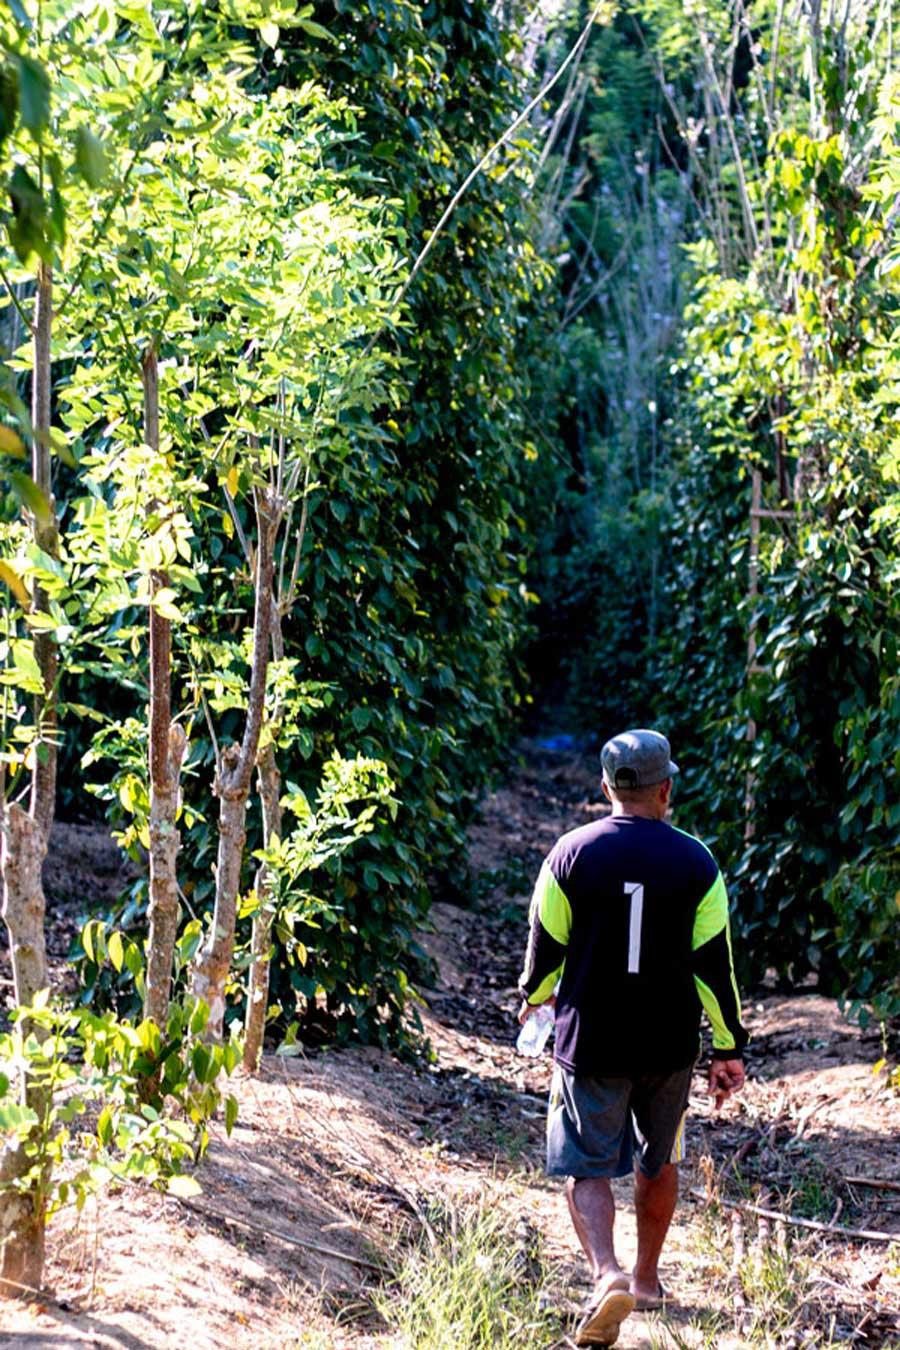 Cueilleurs de poivre noir sur l'île de Sulawesi, en Indonésie